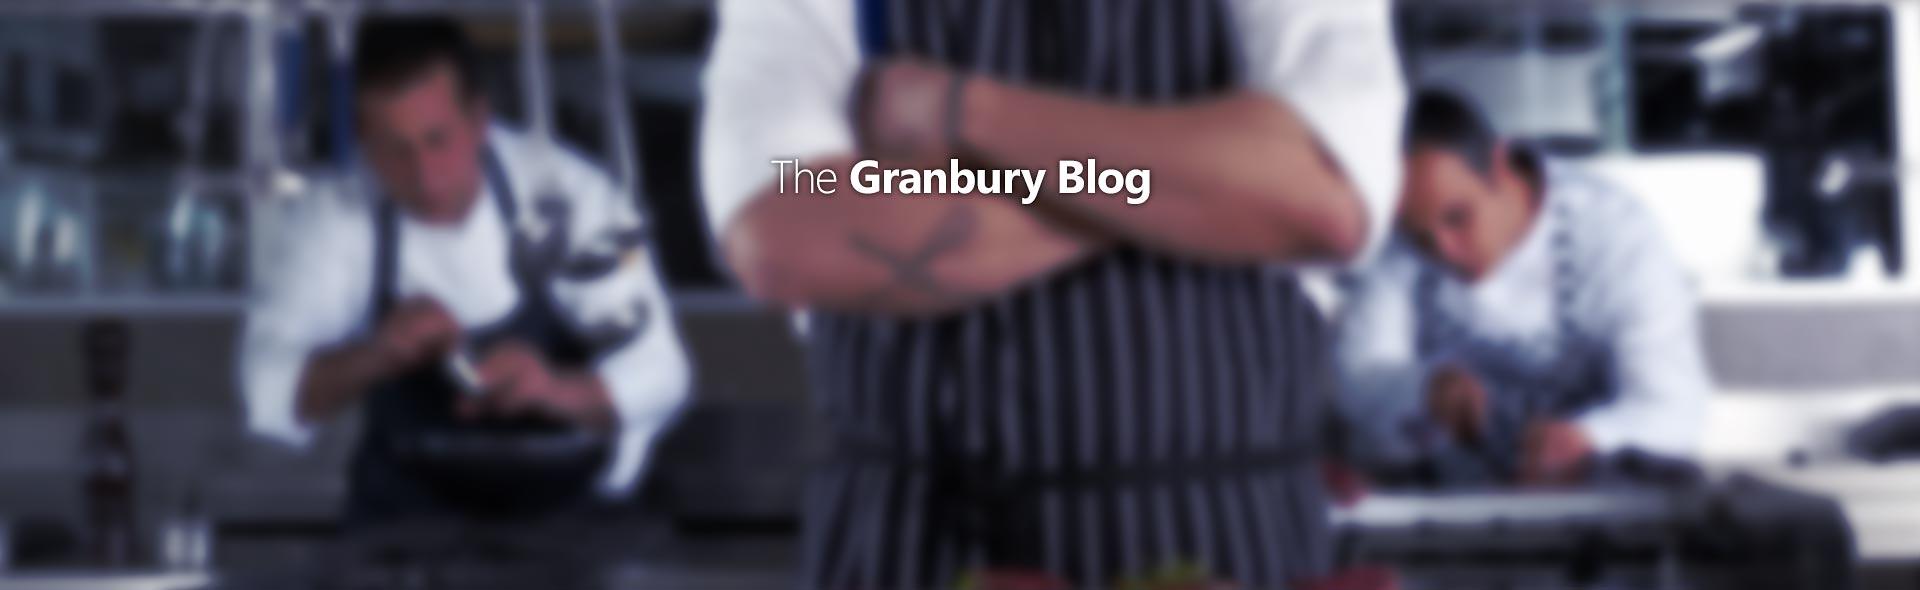 granbury-blog.png